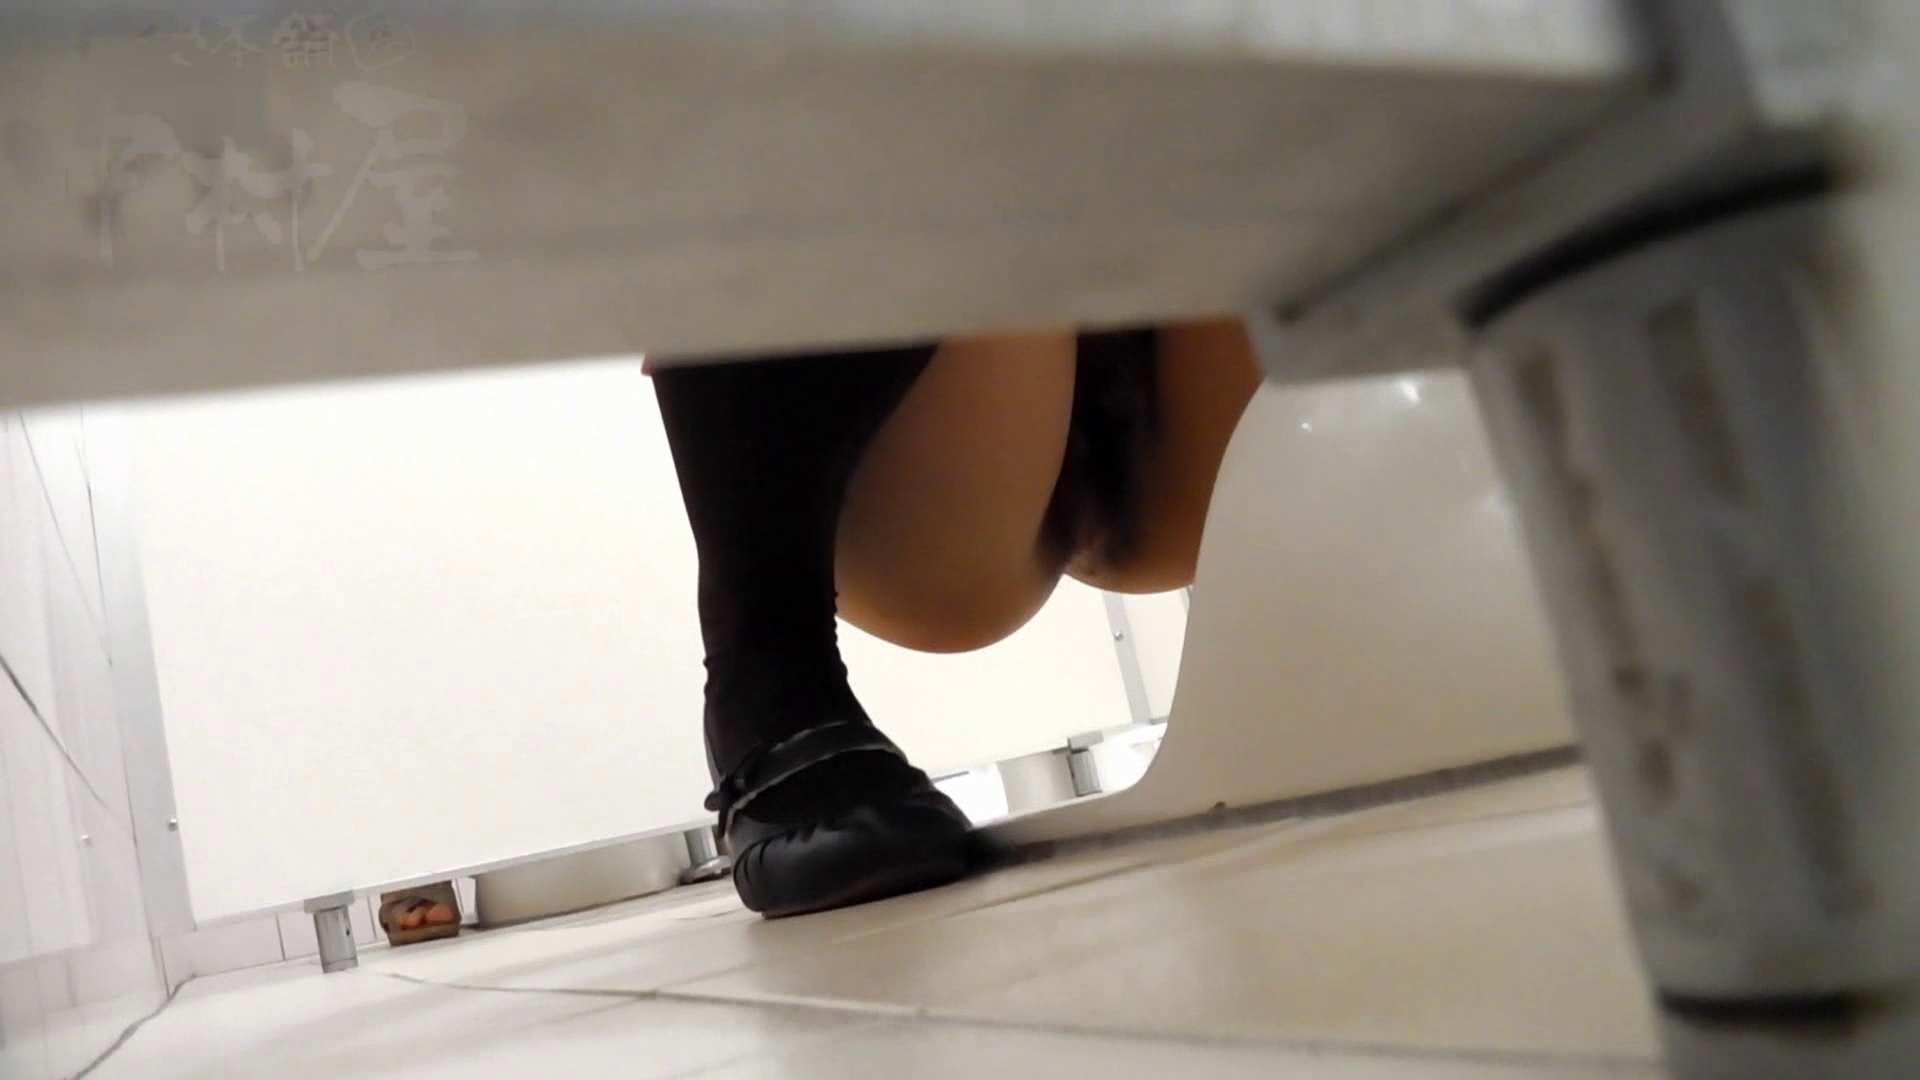 美しい日本の未来 No.06 更に侵入フロント究極な画質 トイレ 盗撮 75PIX 45